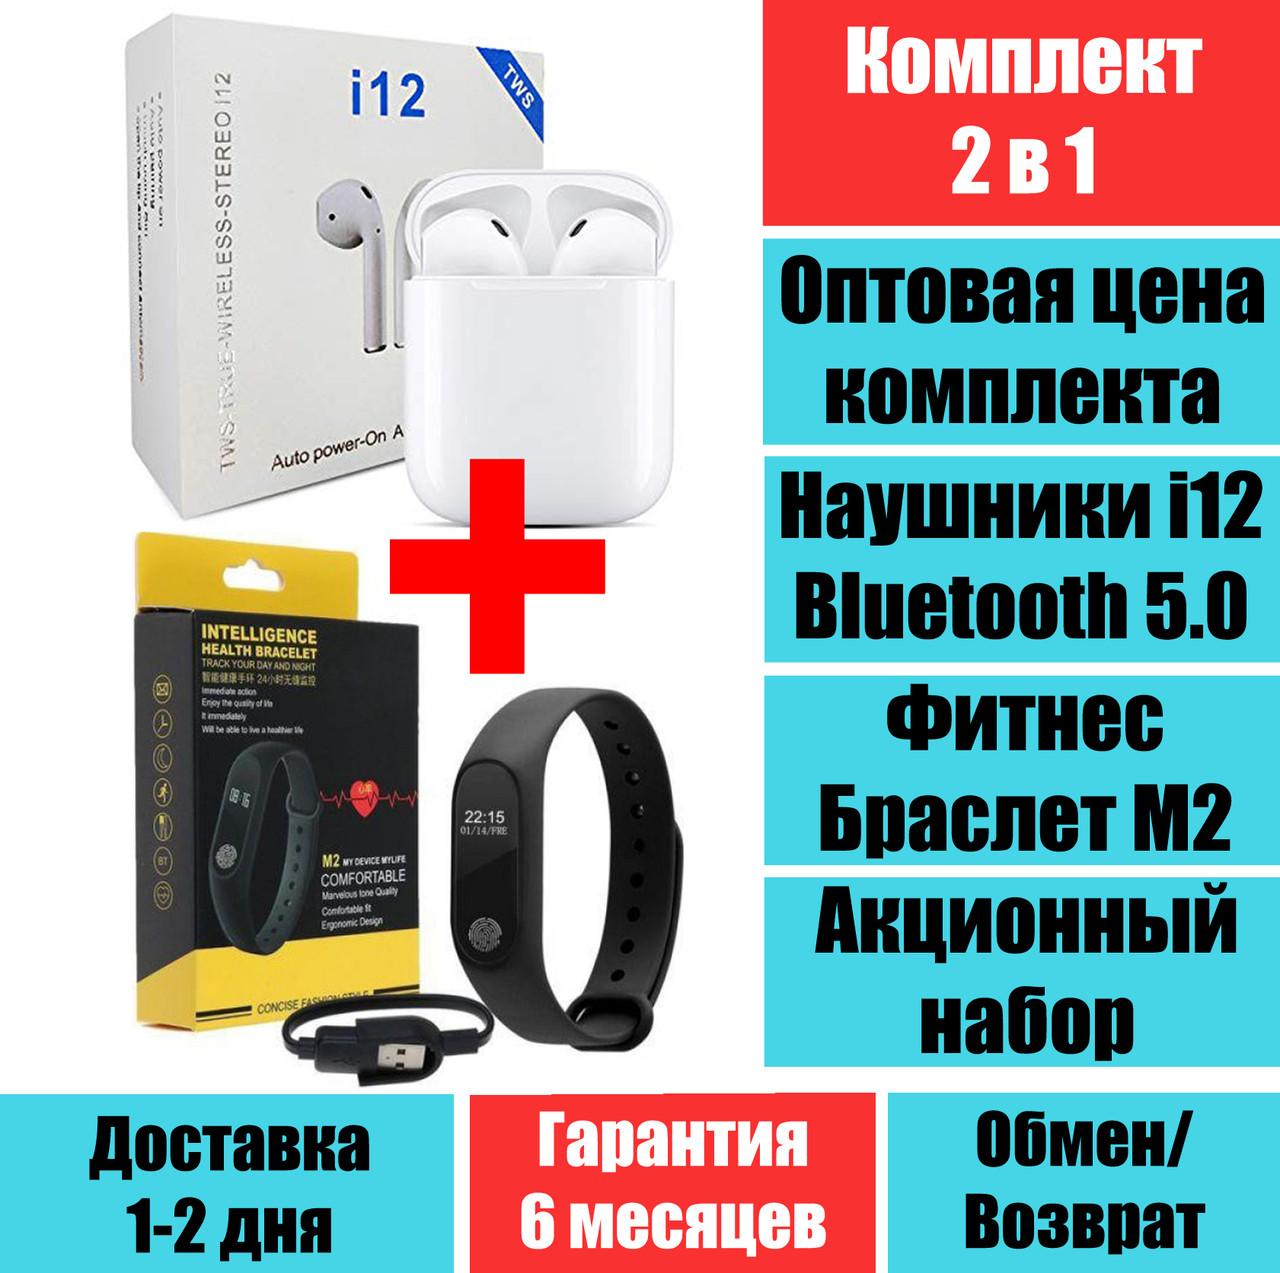 Наушники i12 Mini TWS + Фитнес Браслет Xiaomi Mi Band 2 QualityReplica Комплект